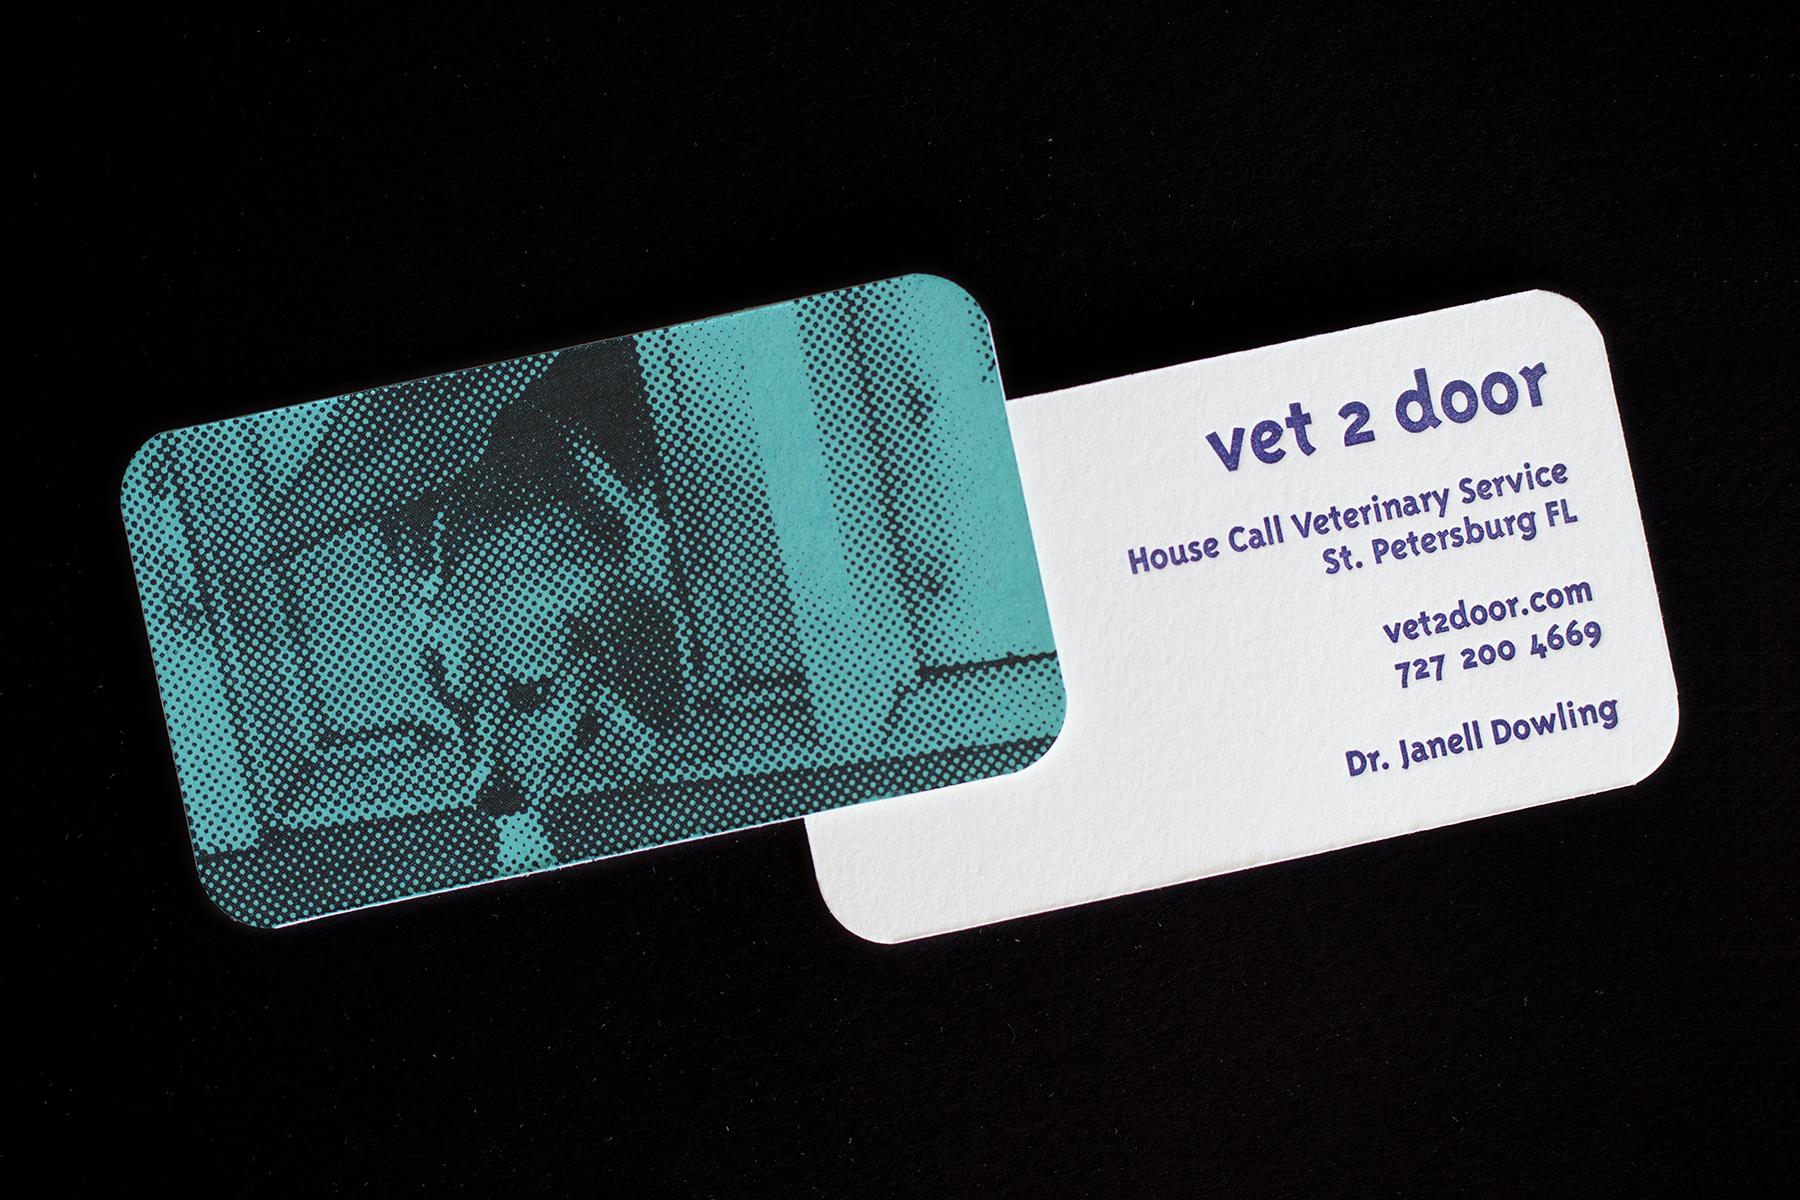 vet_2_door_1